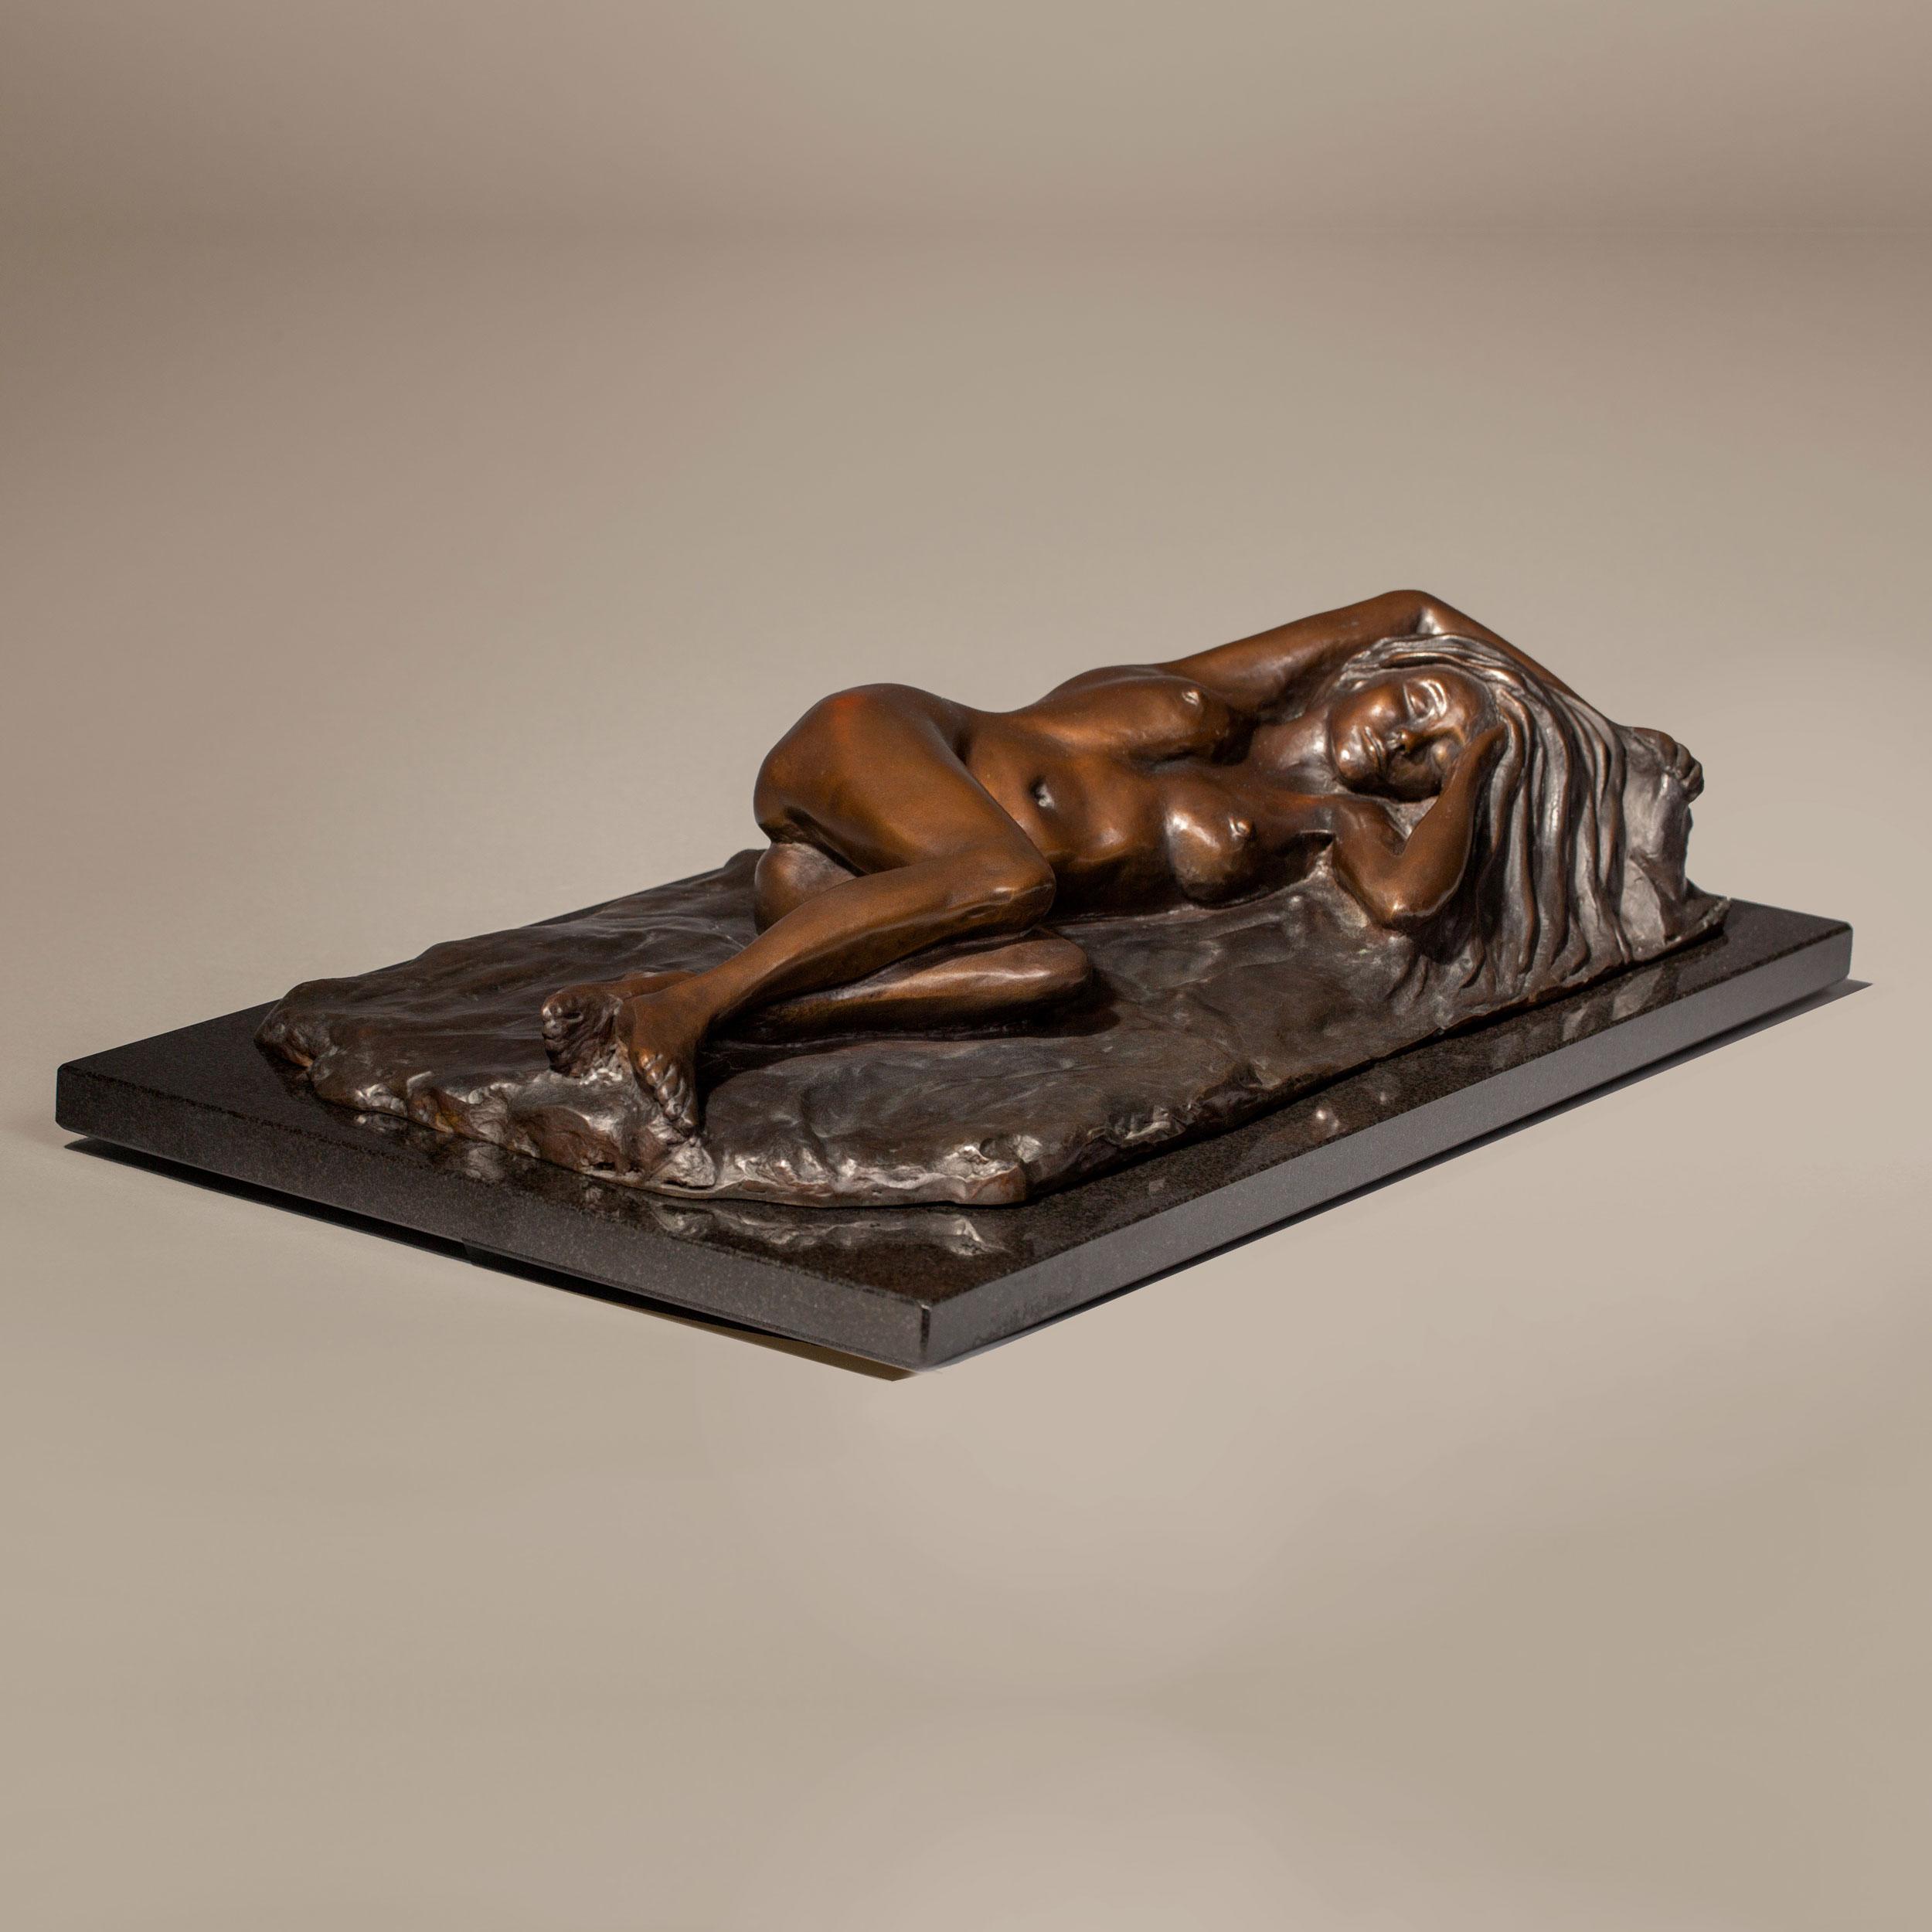 sculptures00852.jpg